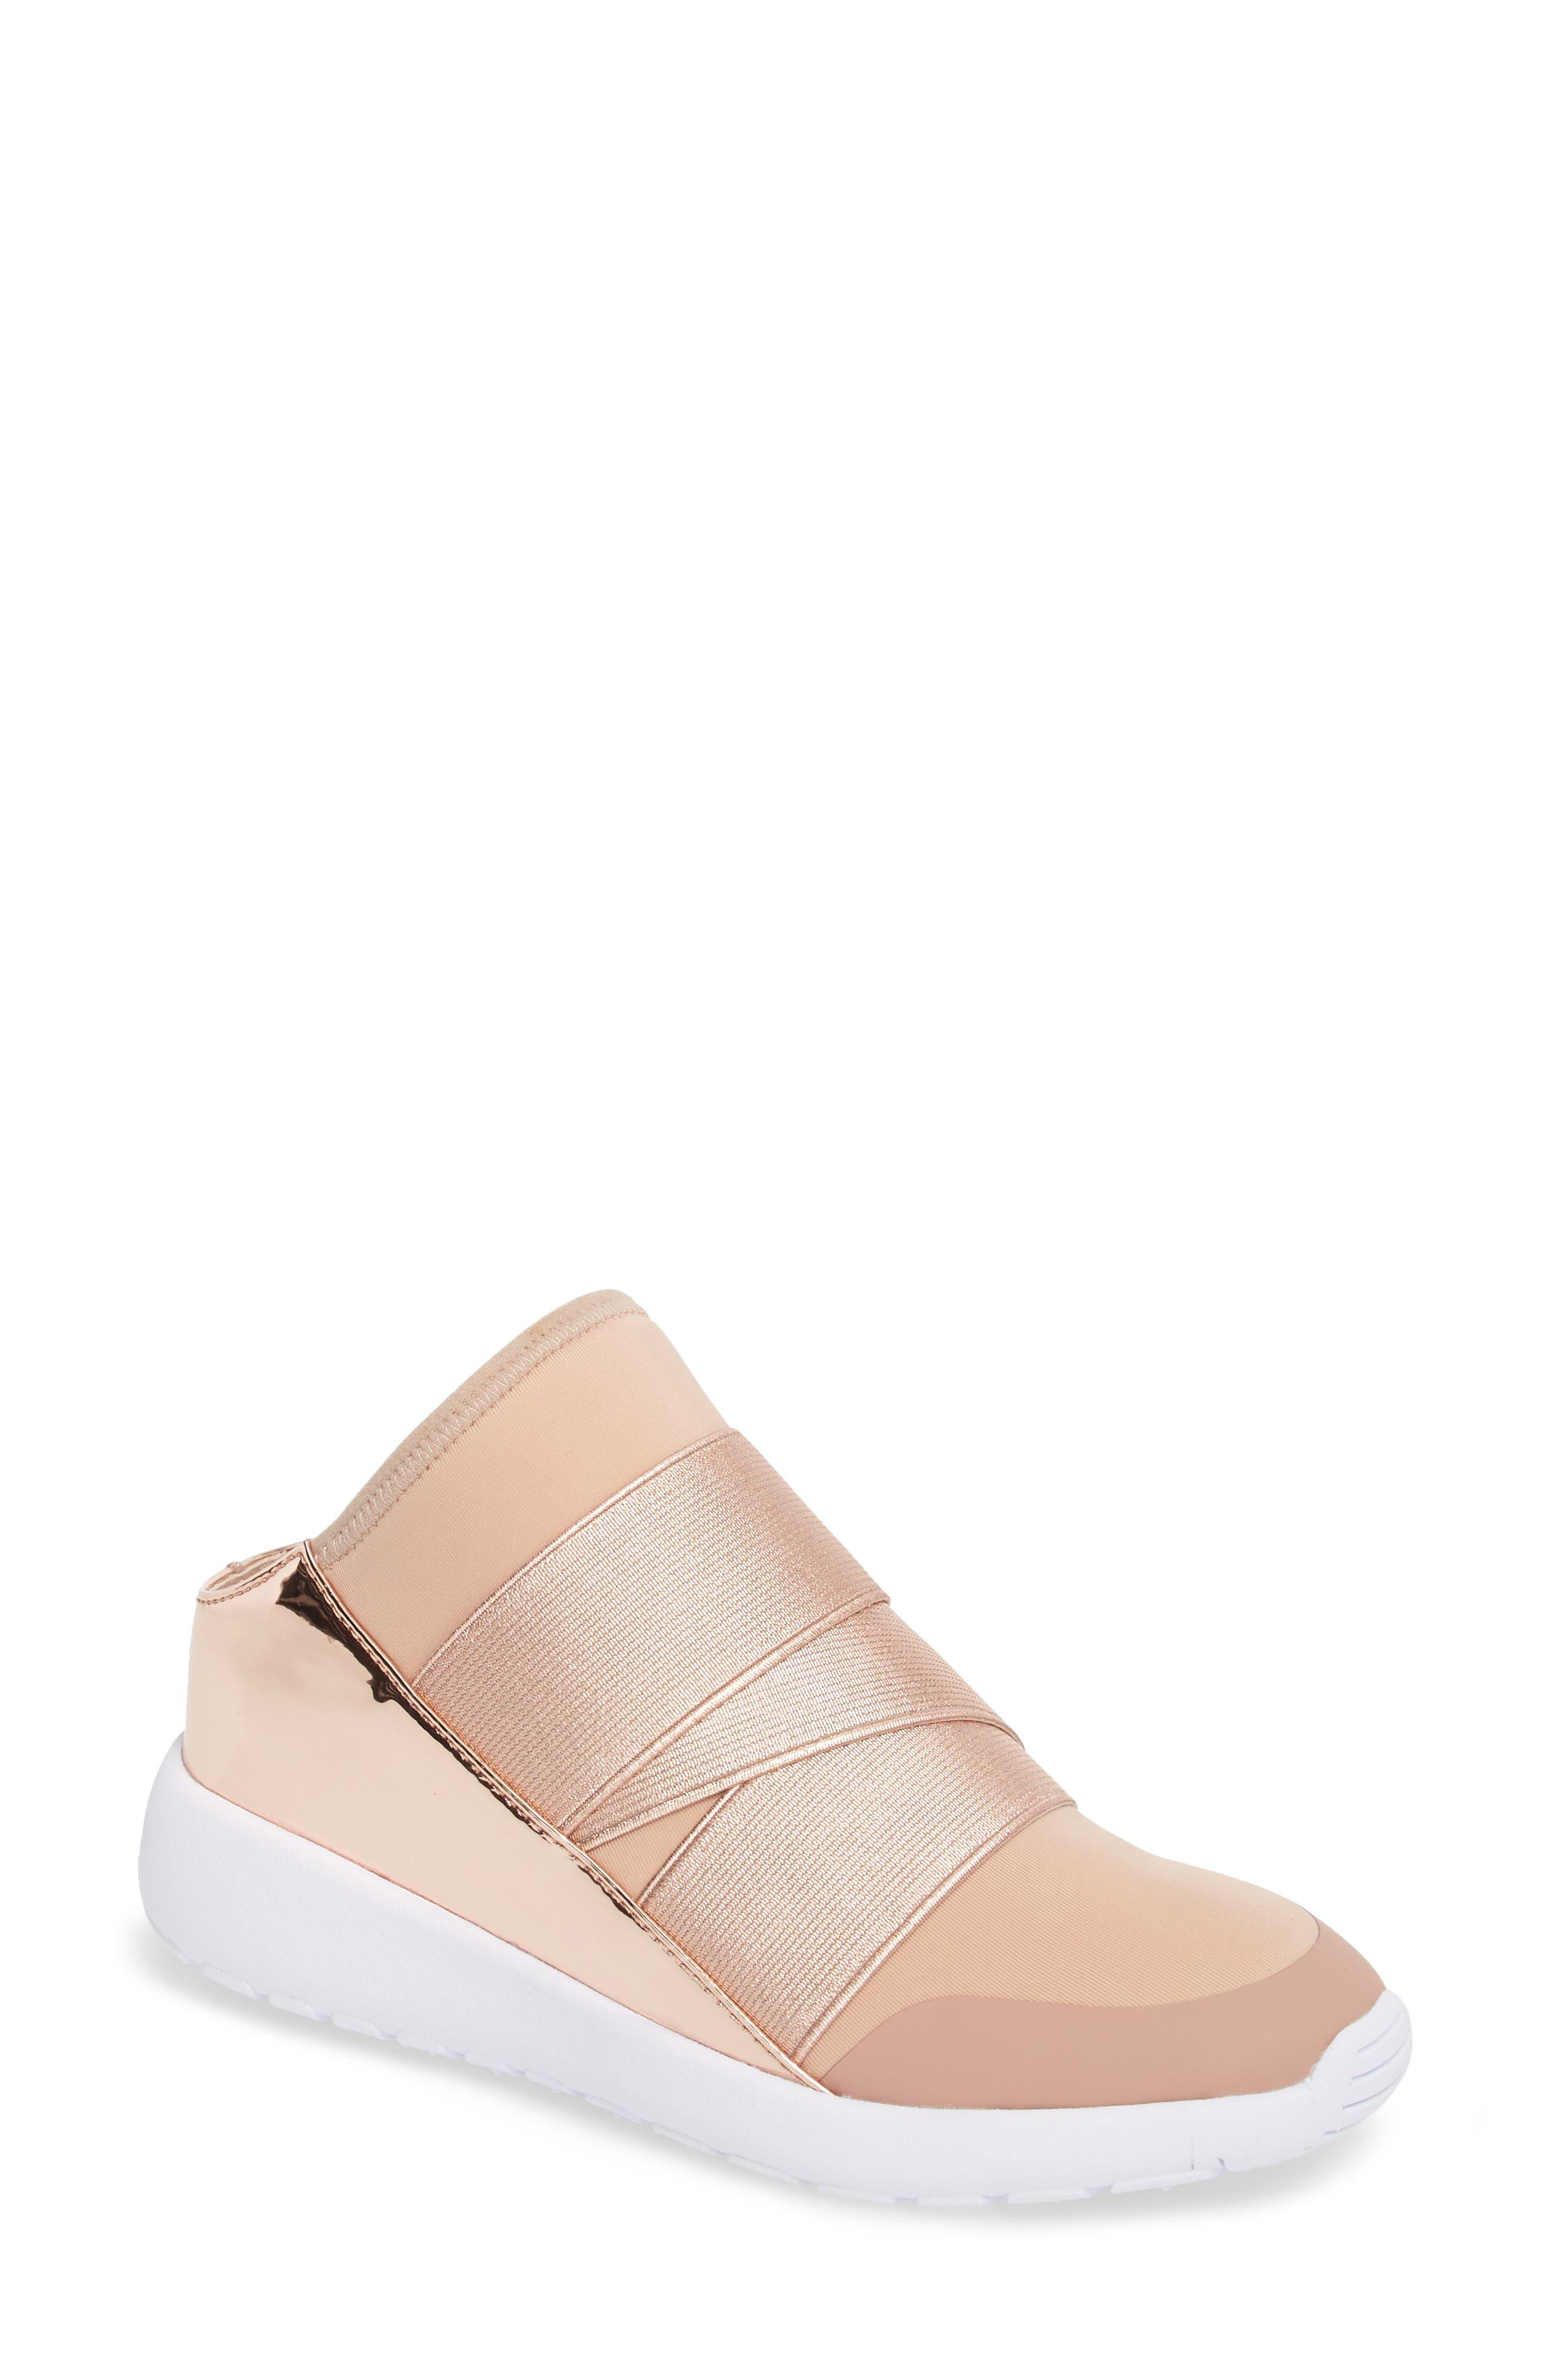 Vine Slip-On Sneaker,                         Main,                         color, Blush